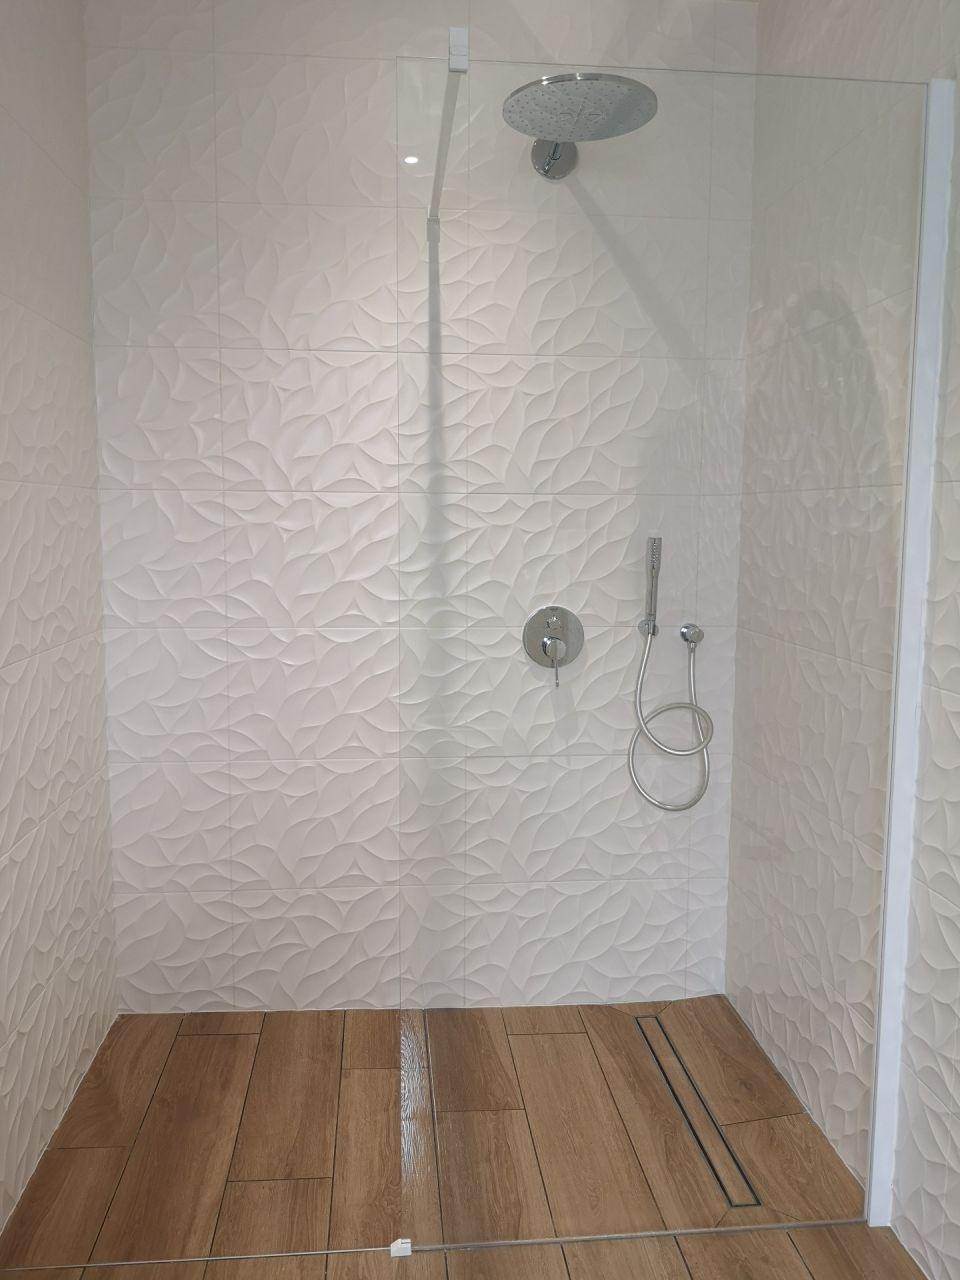 Première vue de la douche avec la plomberie pas tout à fait opérationnelle.